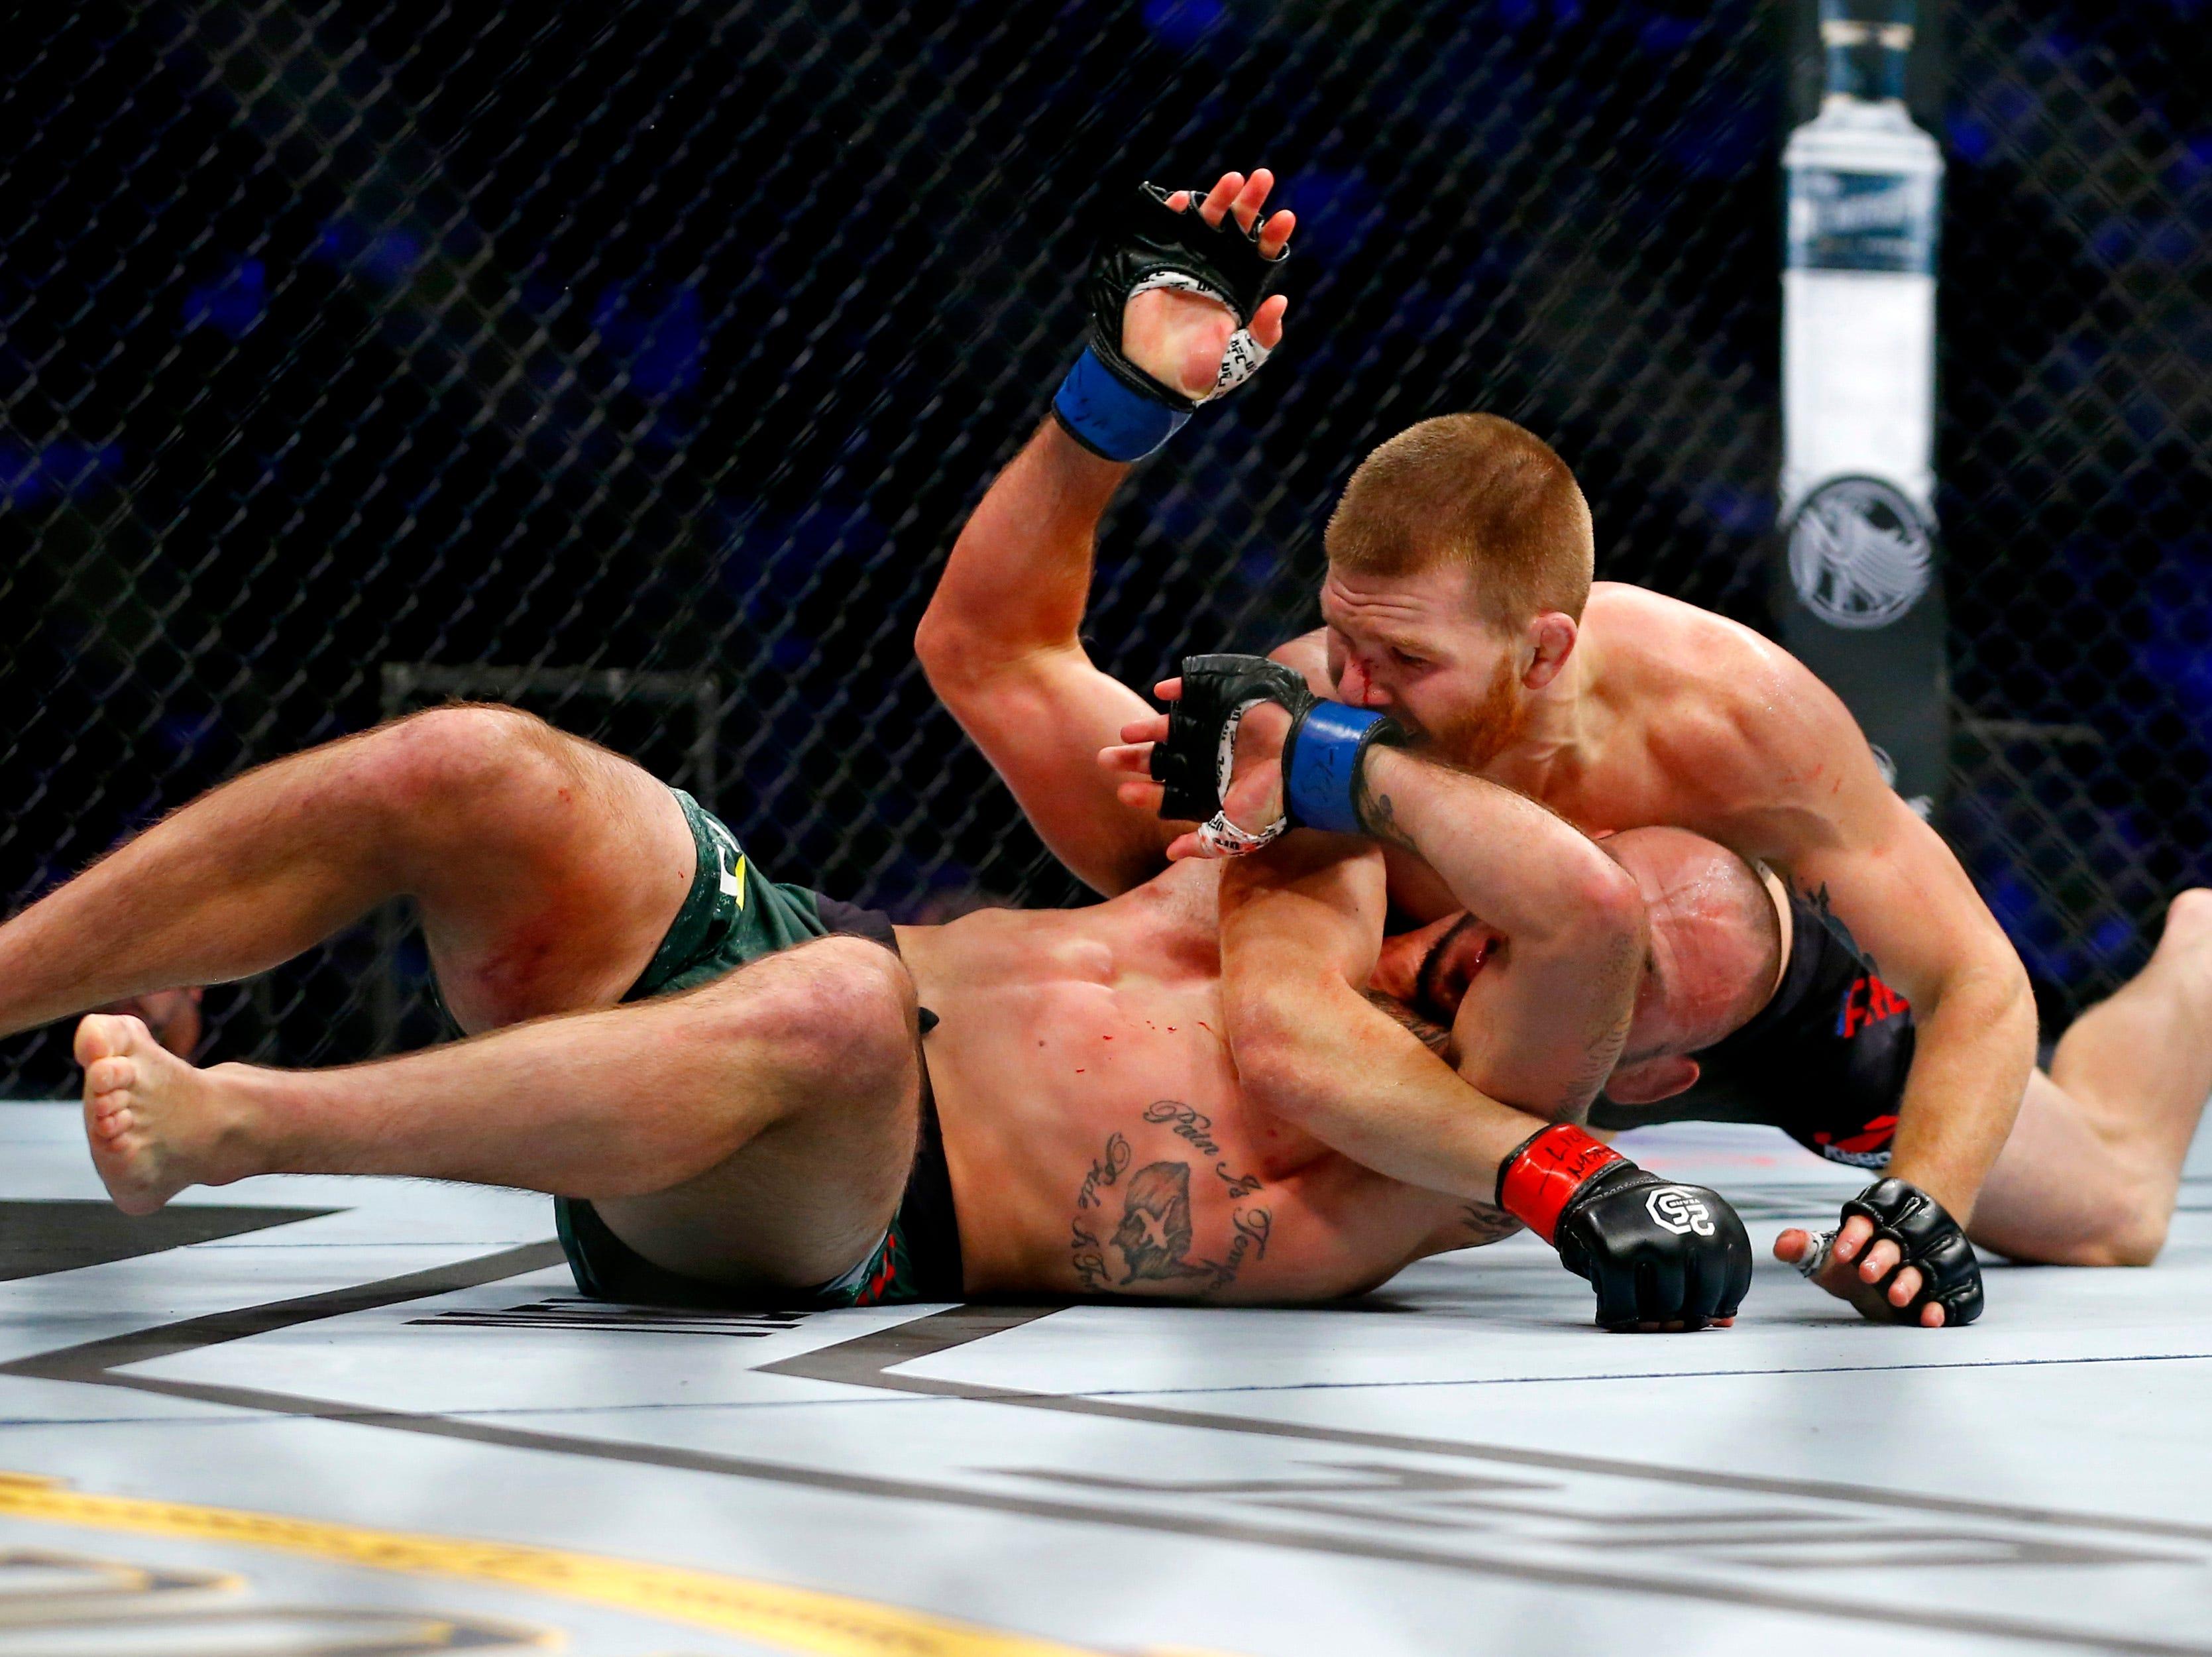 Matt Frevola (red gloves) fights Lando Vannata (blue gloves) during UFC 230 at Madison Square Garden.